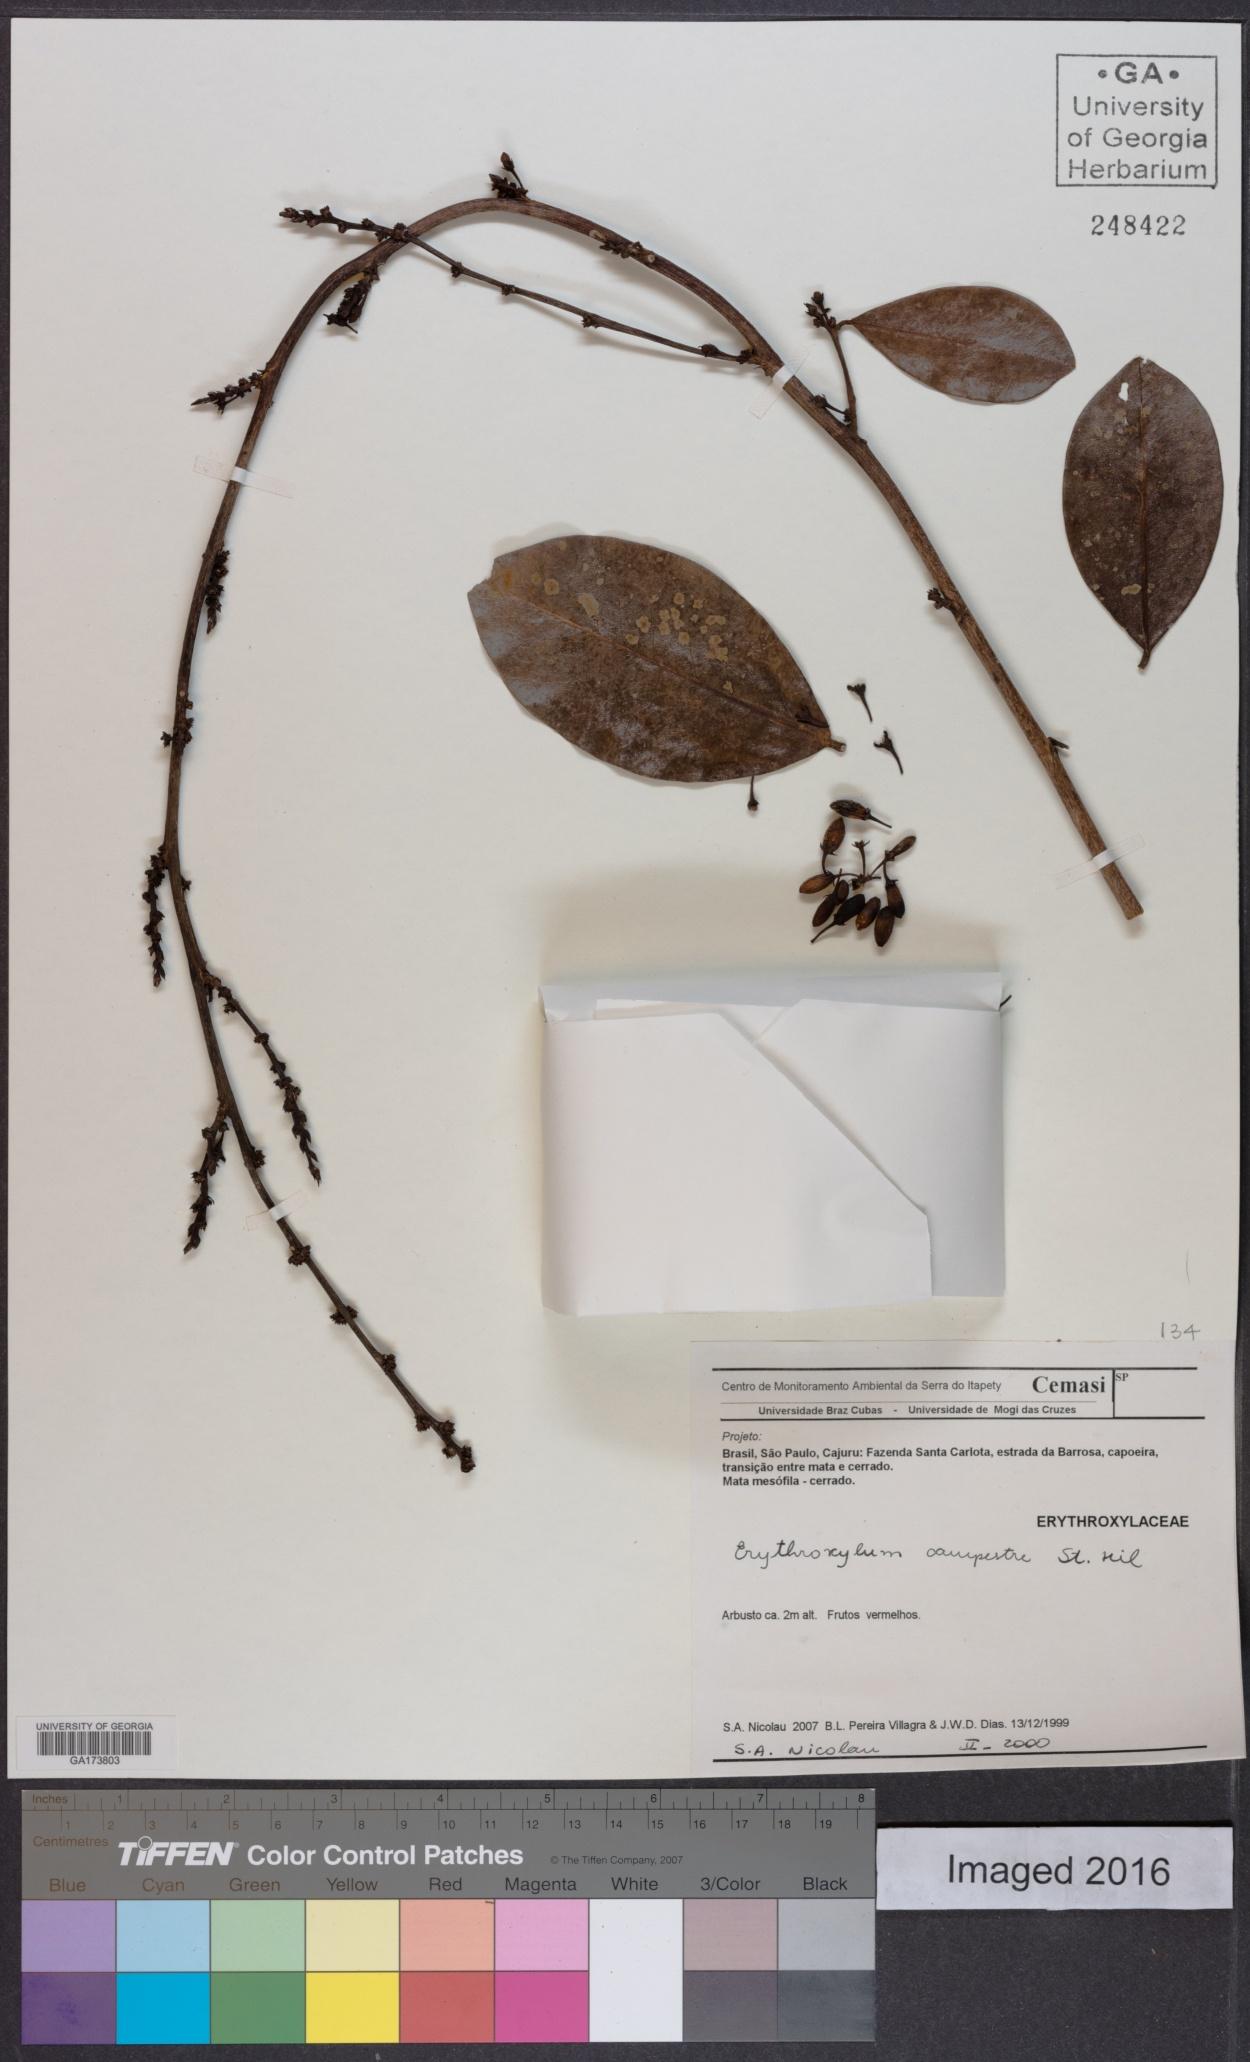 Erythroxylum campestre image